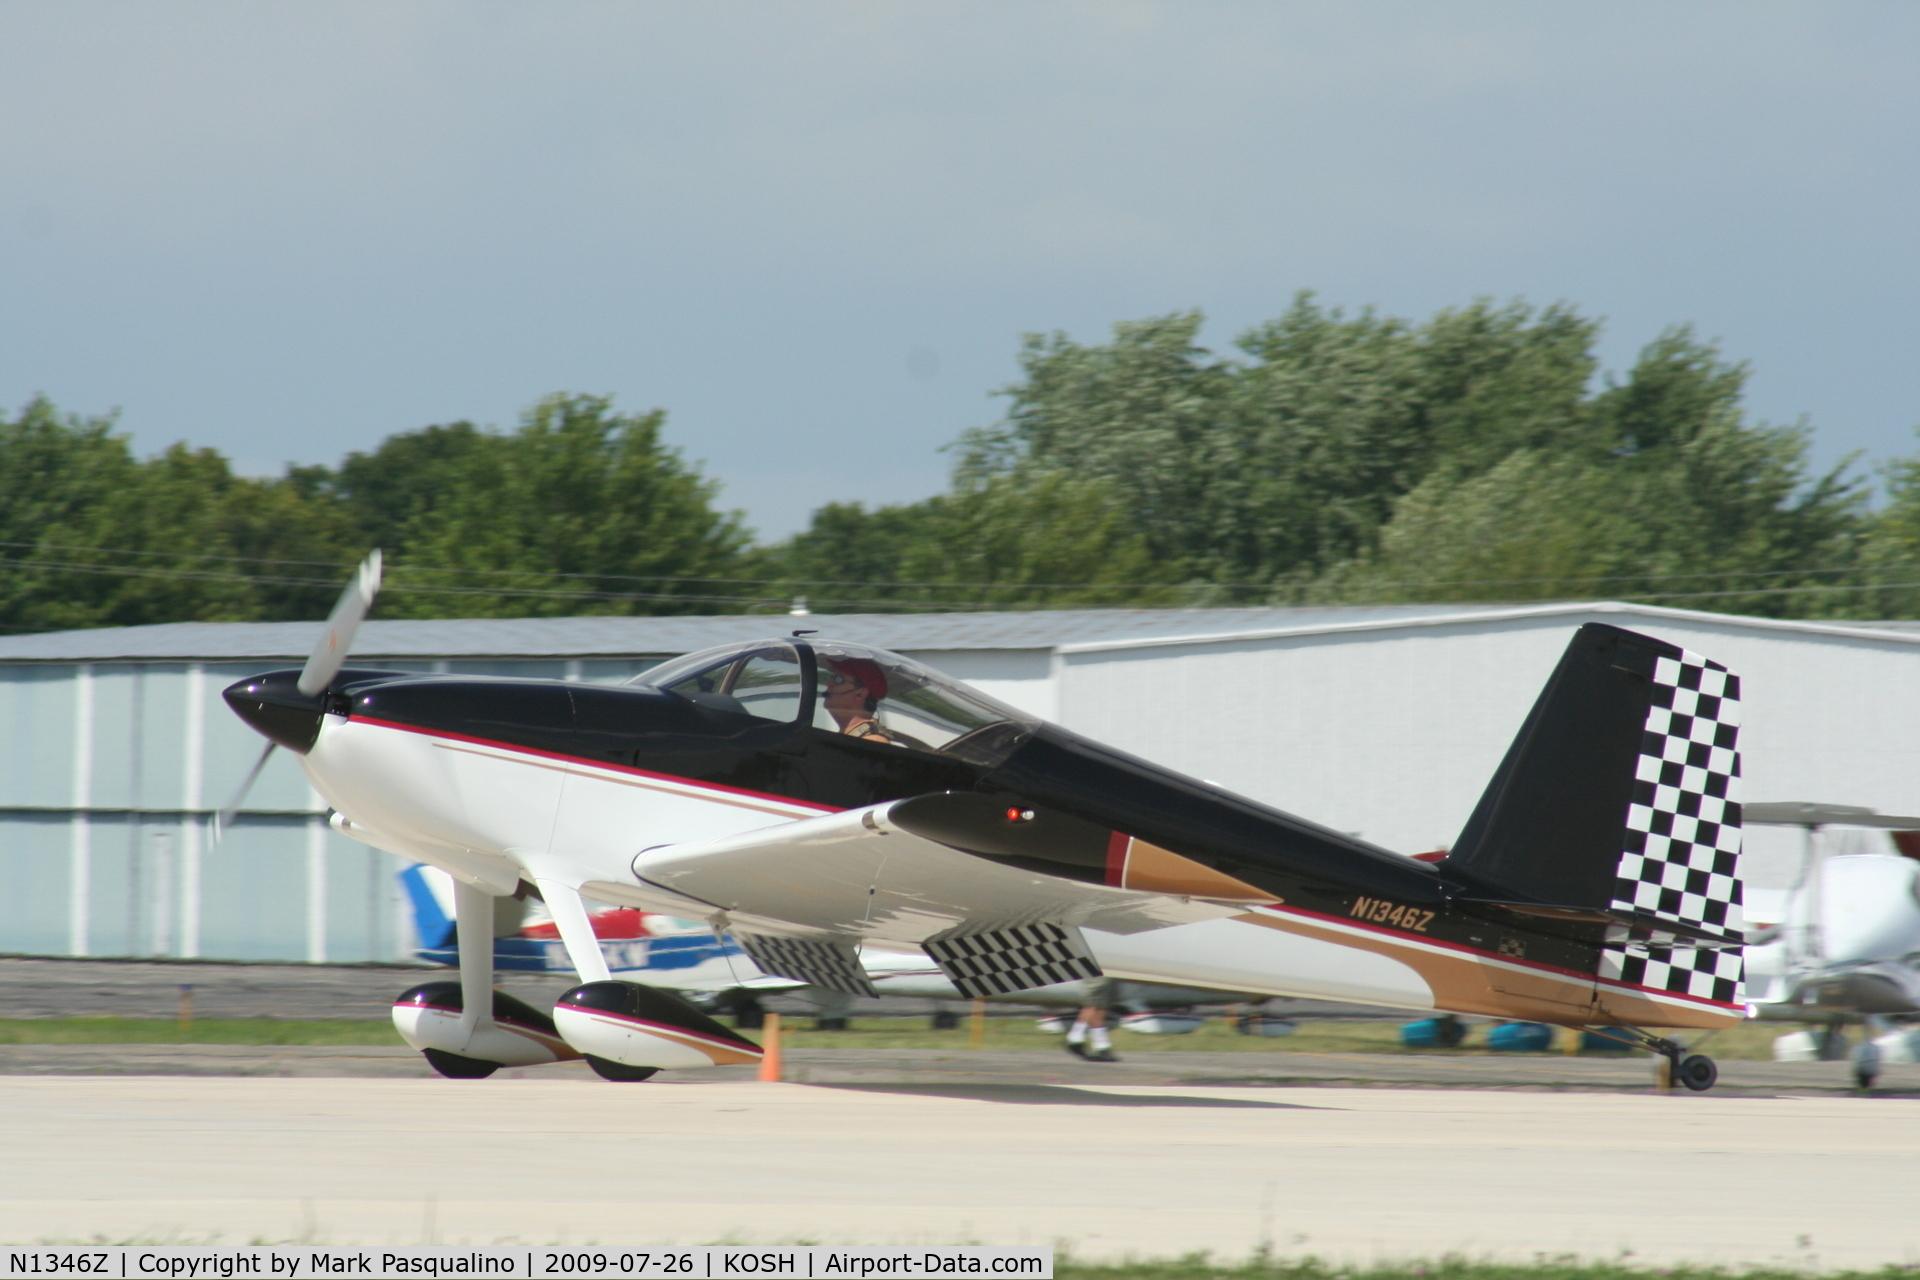 N1346Z, 2004 Vans RV-7 C/N 71029, RV-7